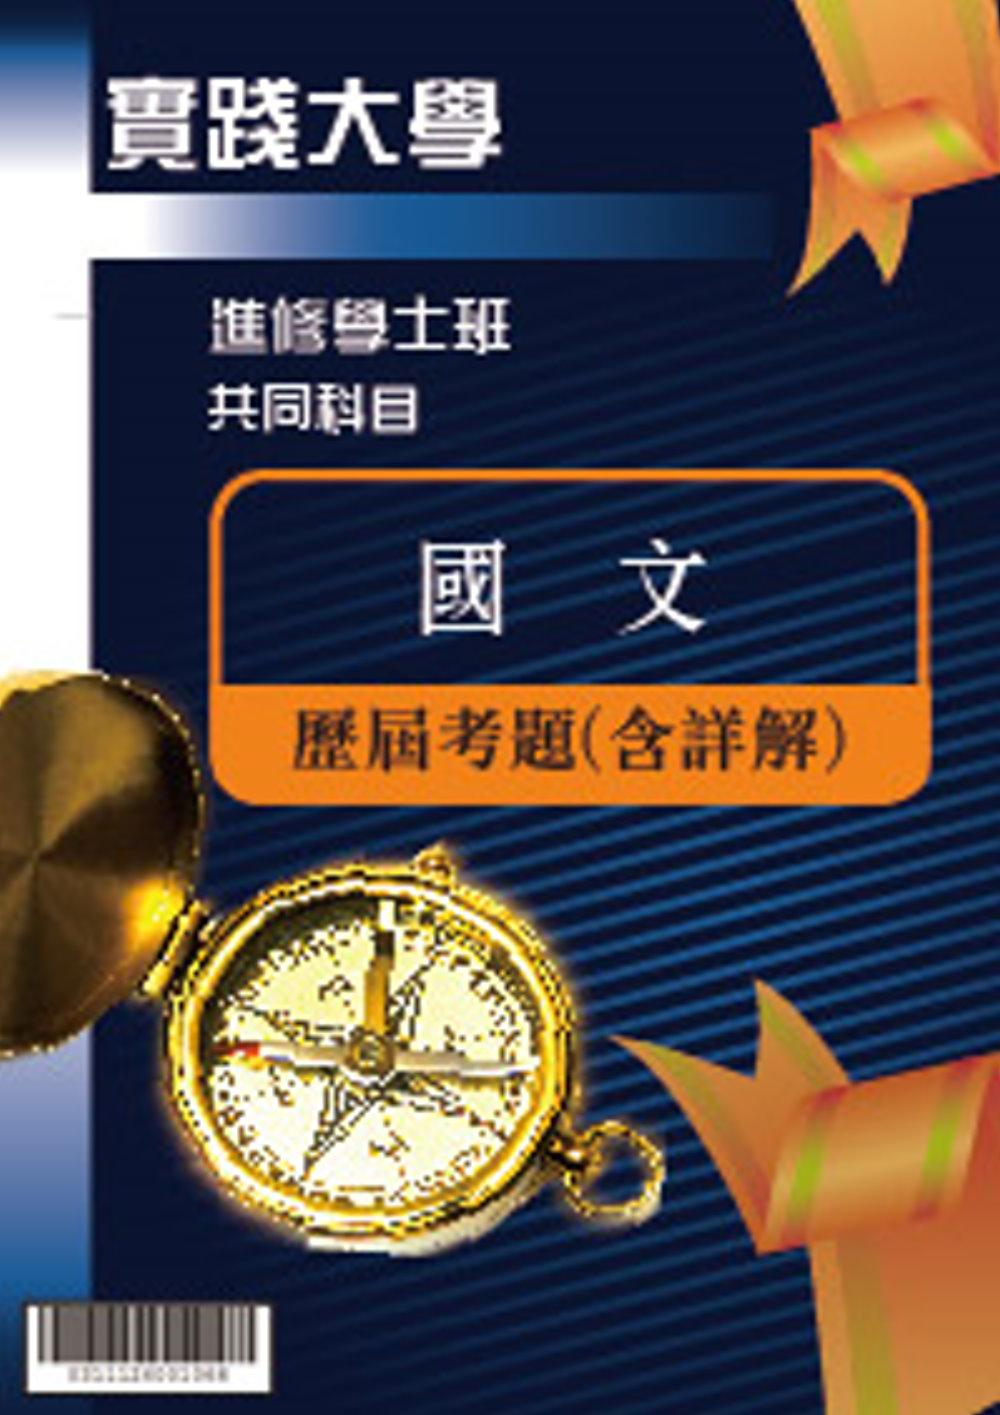 考古題解答-實踐大學-進修學士 科目:國文 101/102/103/104/105/106